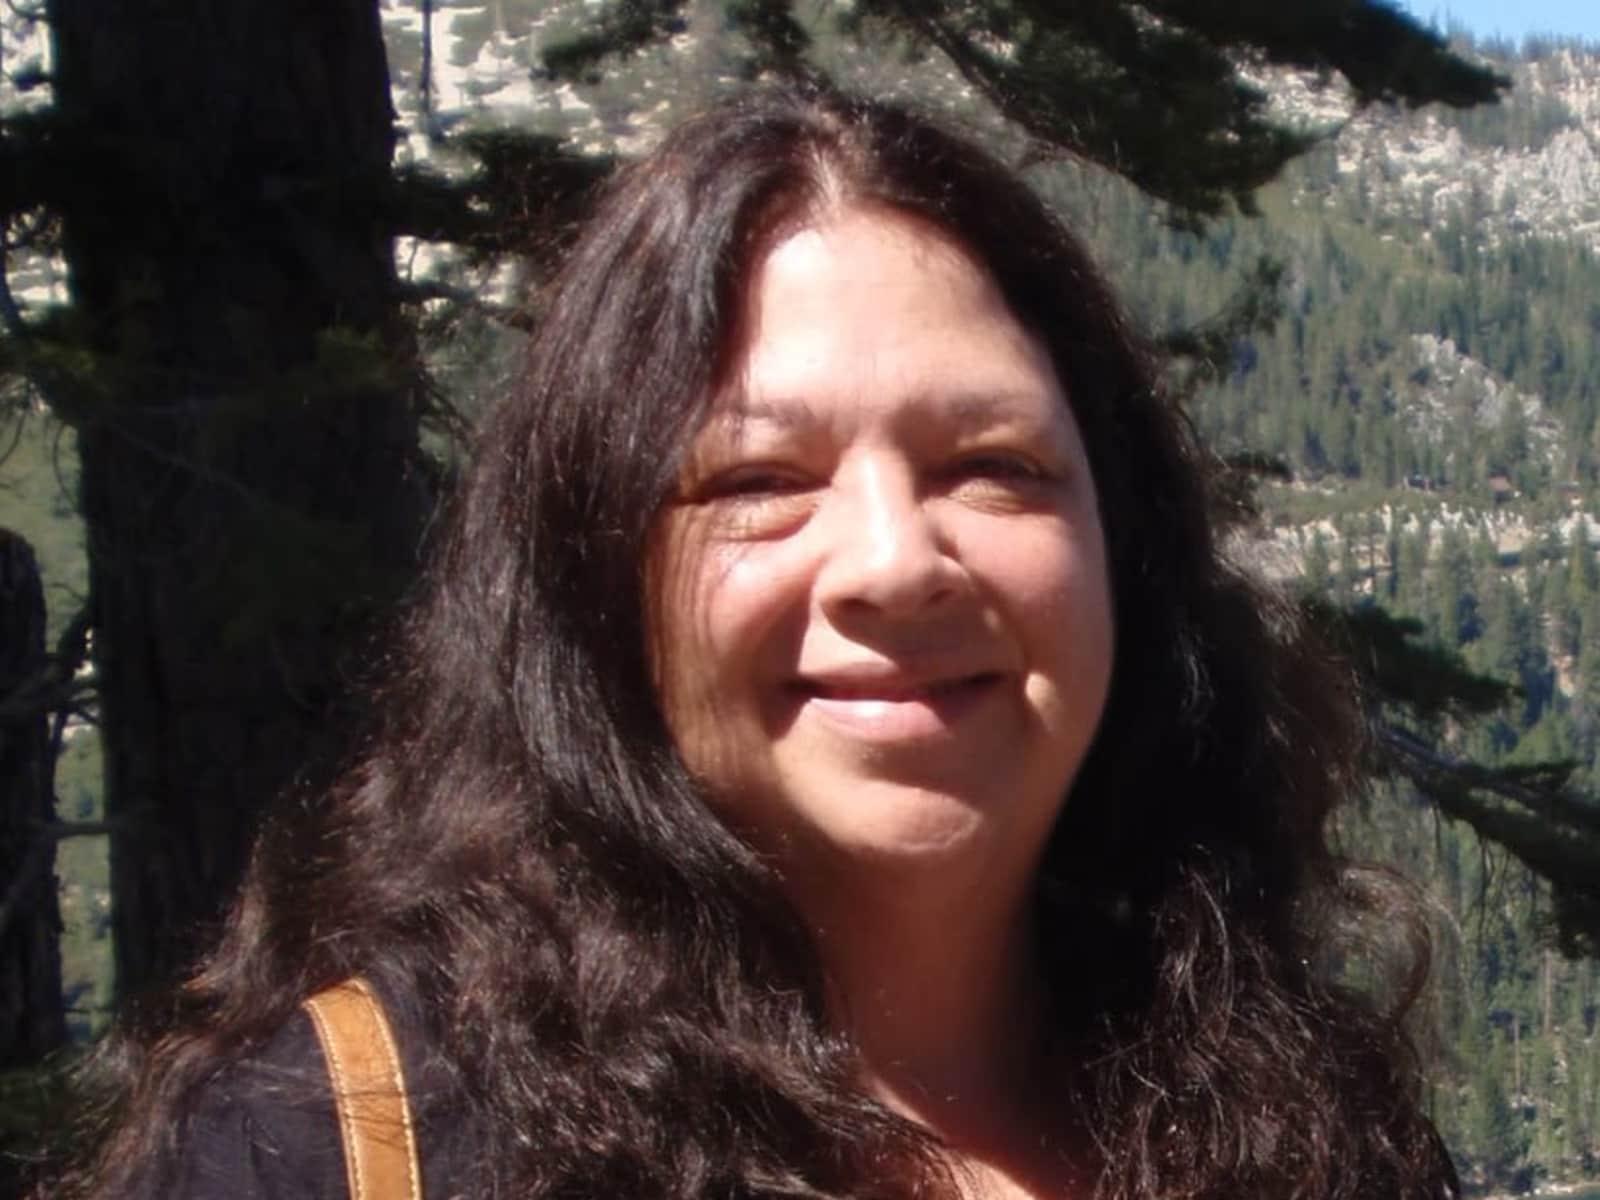 Jennifer from Seattle, Washington, United States